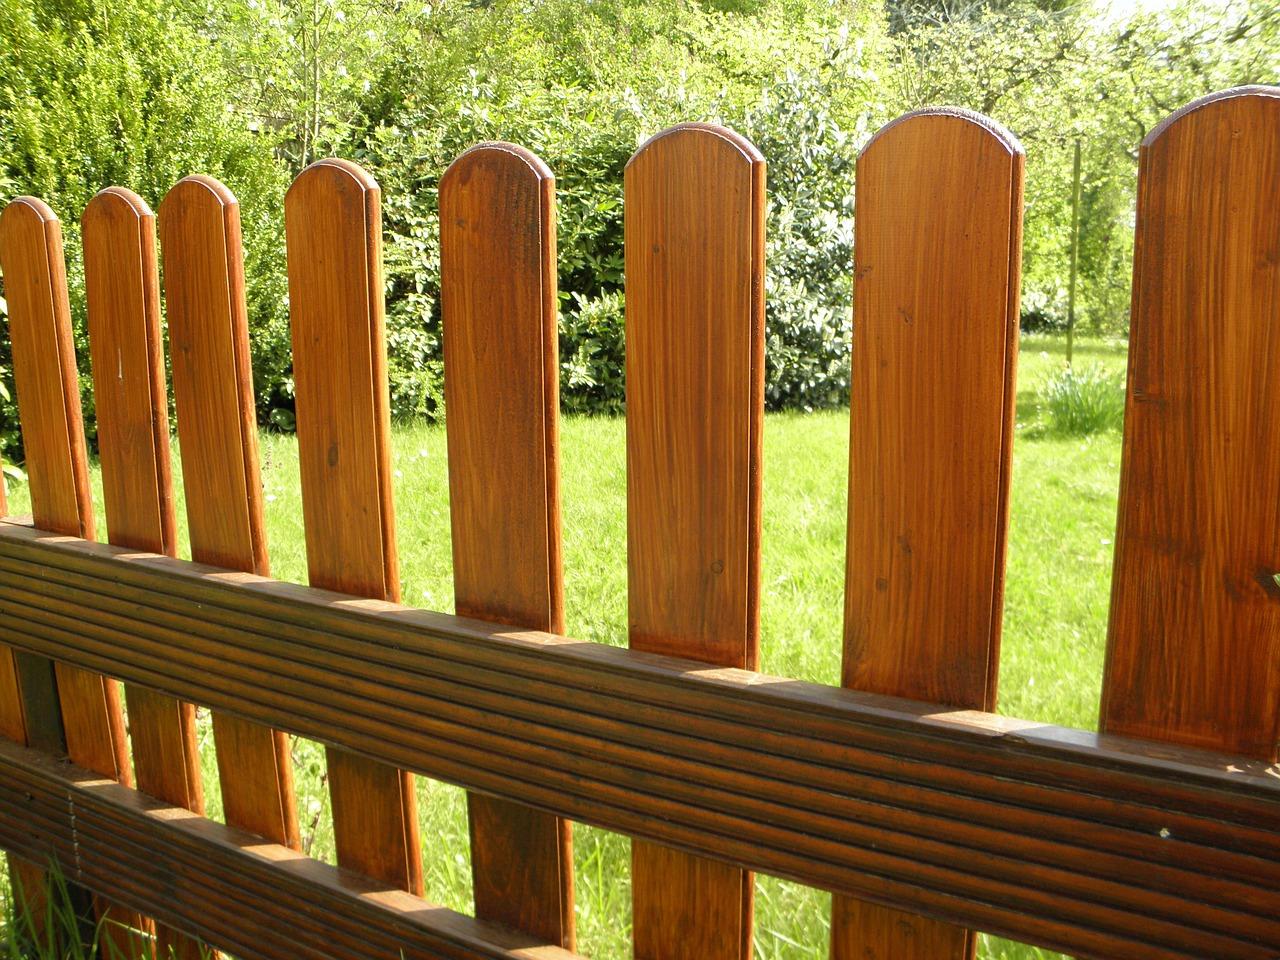 Welche Vorteile hat ein Holzzaun?